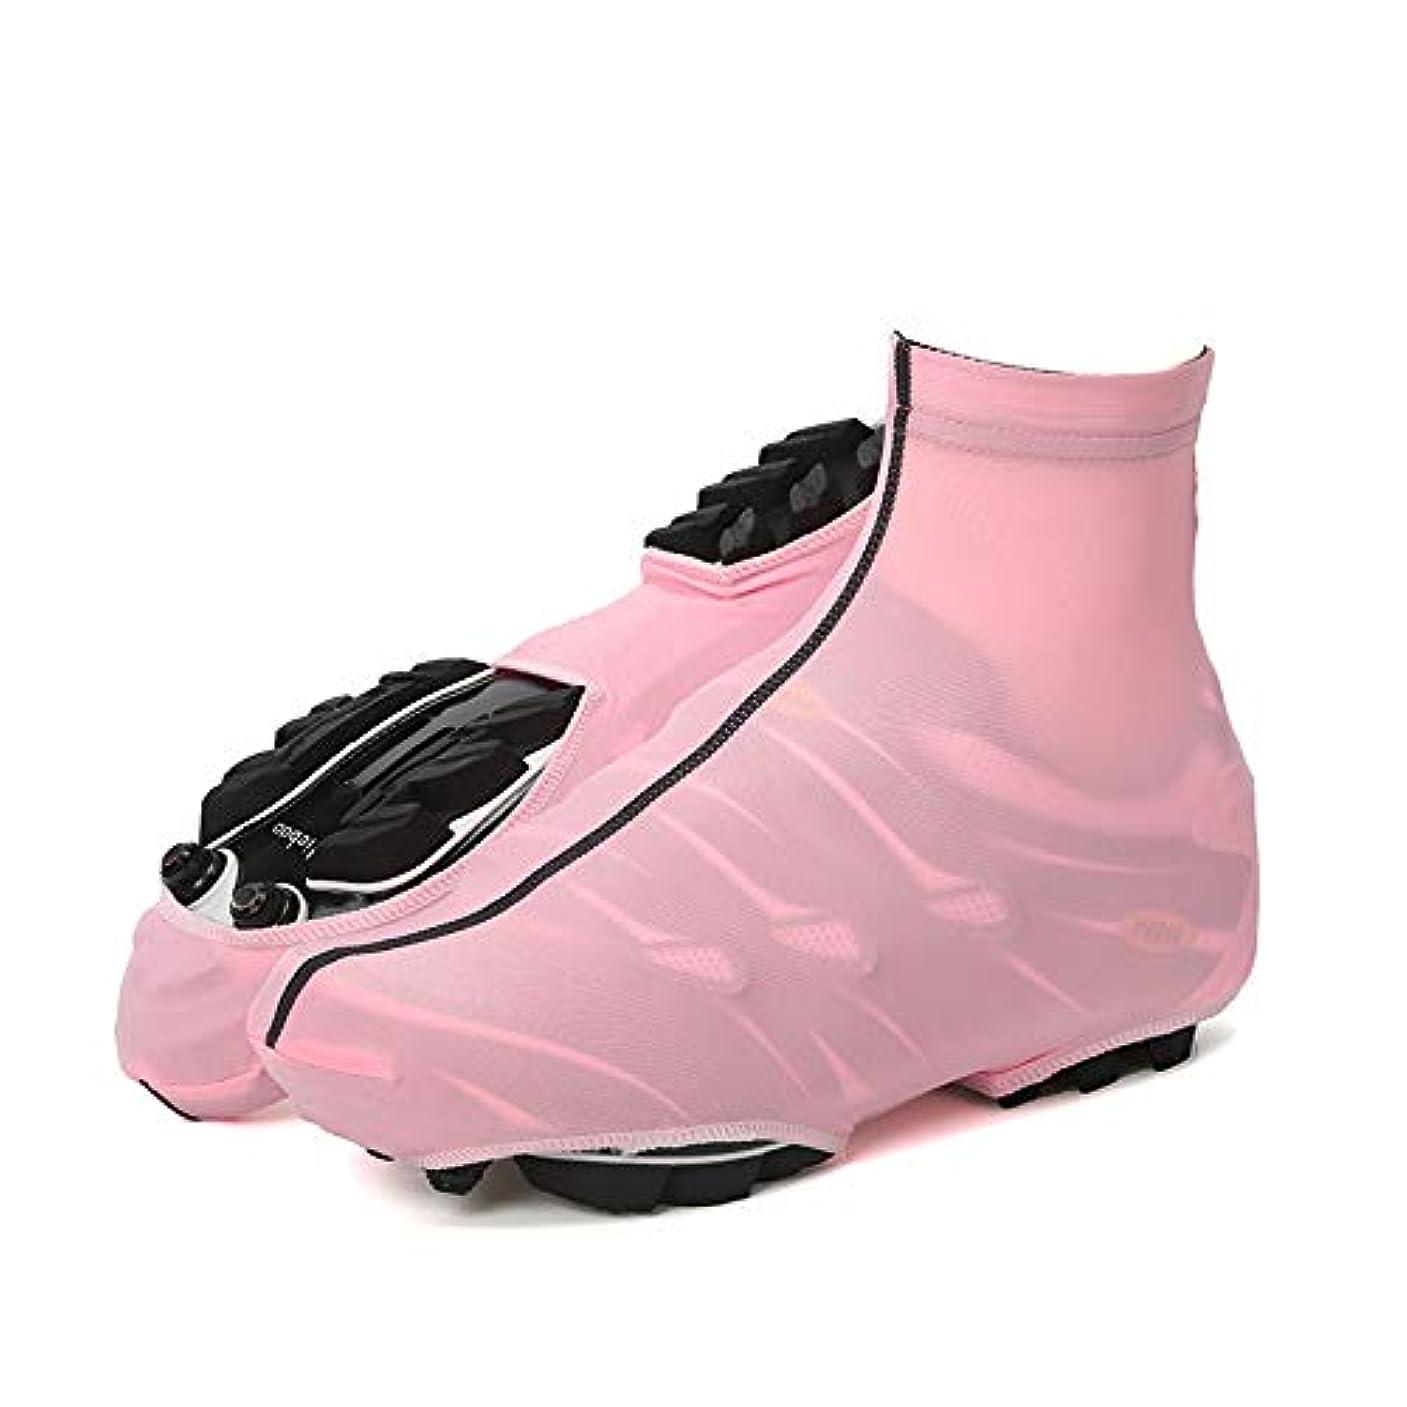 創造パンサーアクセルサイクリング シューズカバー サイクリングウォームプルーフウォーフードシューズカバーレインスノーブーツプロテクターフィートゲイター 防風 軽量 男性と女性用 (Color : Pink, Size : M)